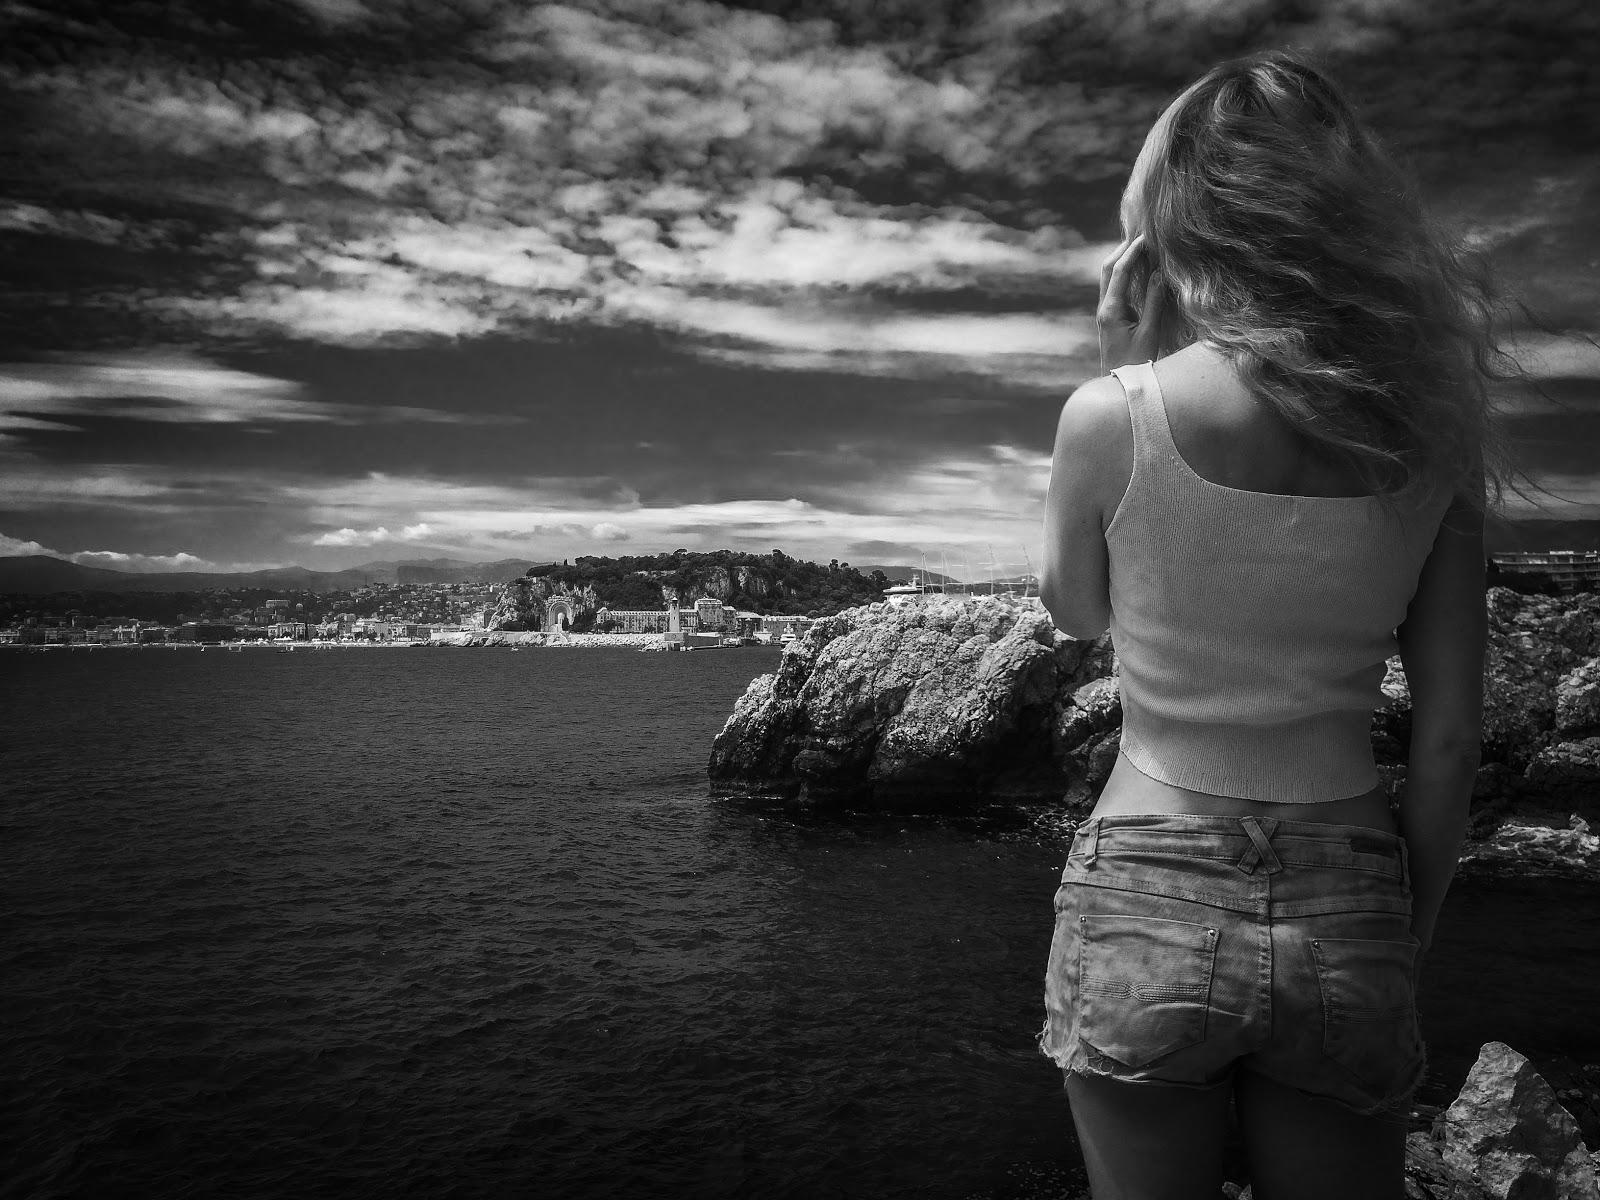 海へ向いて立っている女性の後ろ姿